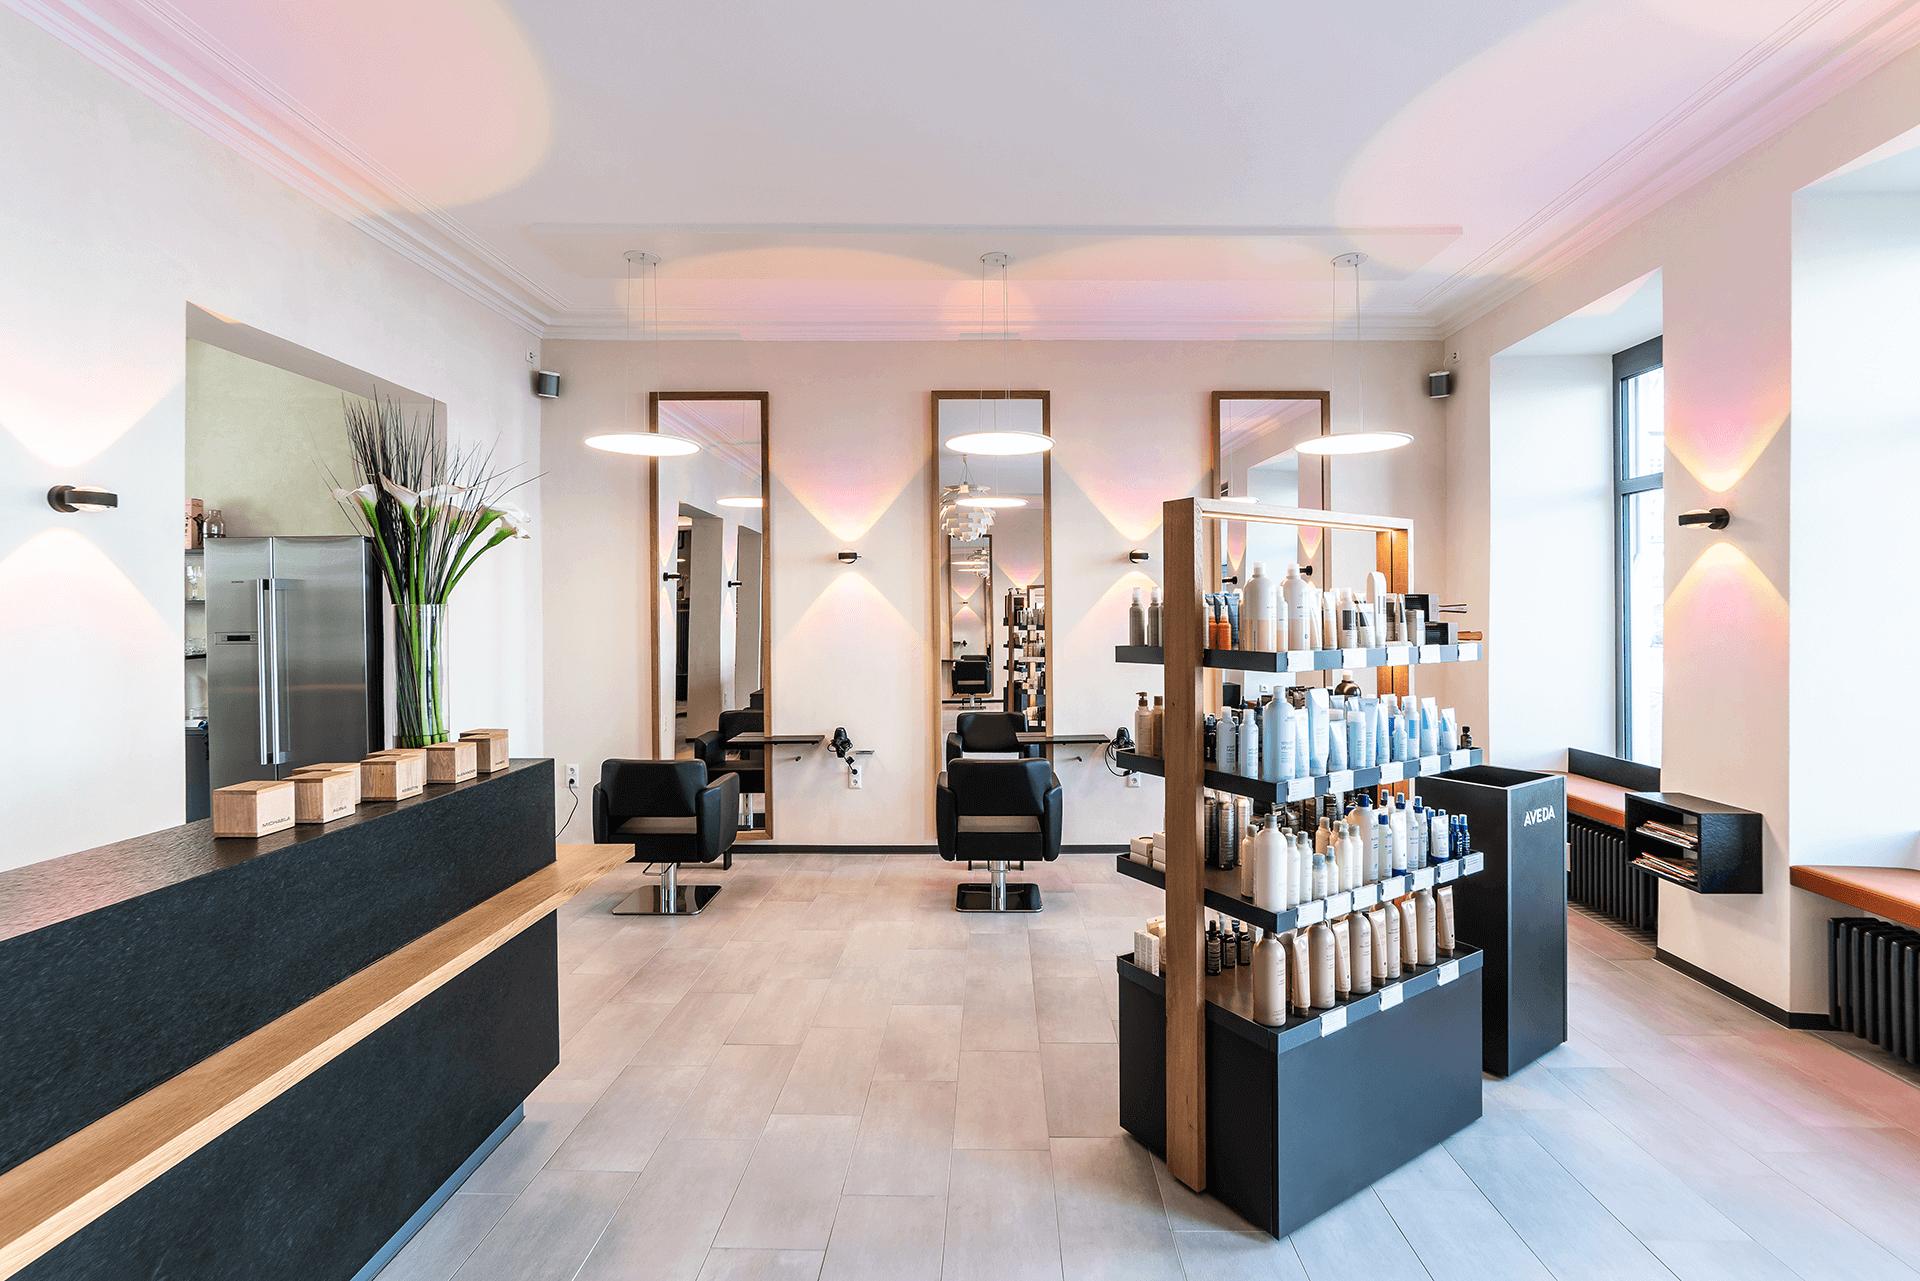 Friseureinrichtung mit Holz mit Friseur Verkaufsregal, Friseurspiegel, Friseurstühlen und Rezeption